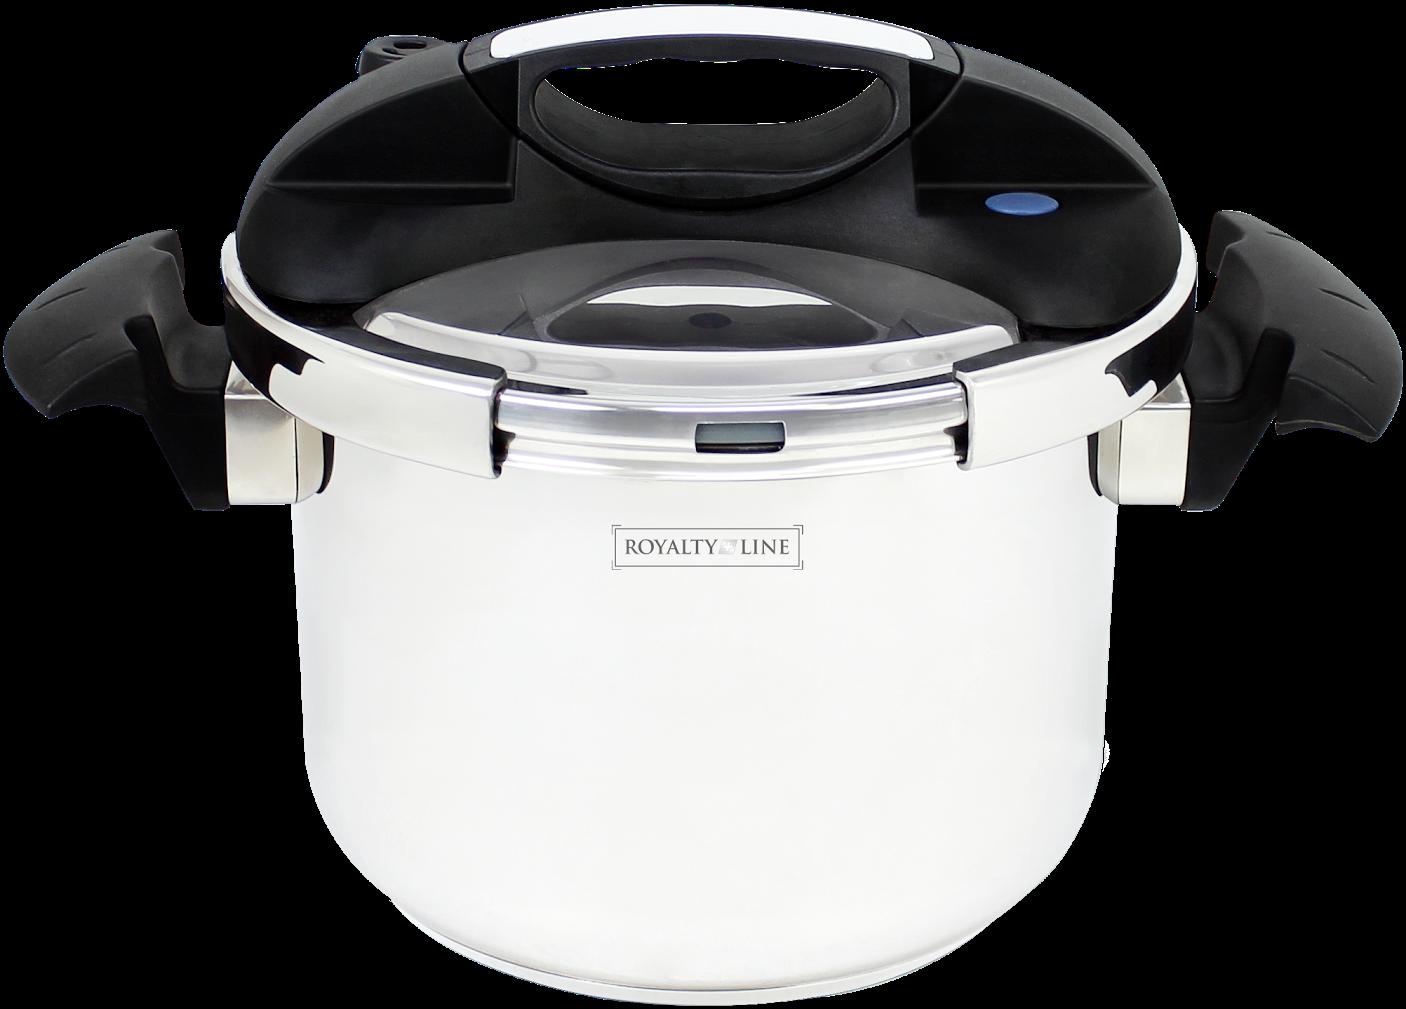 Tlakový hrnec RL-PC4L o objemu 4 litry - RoyaltyLine